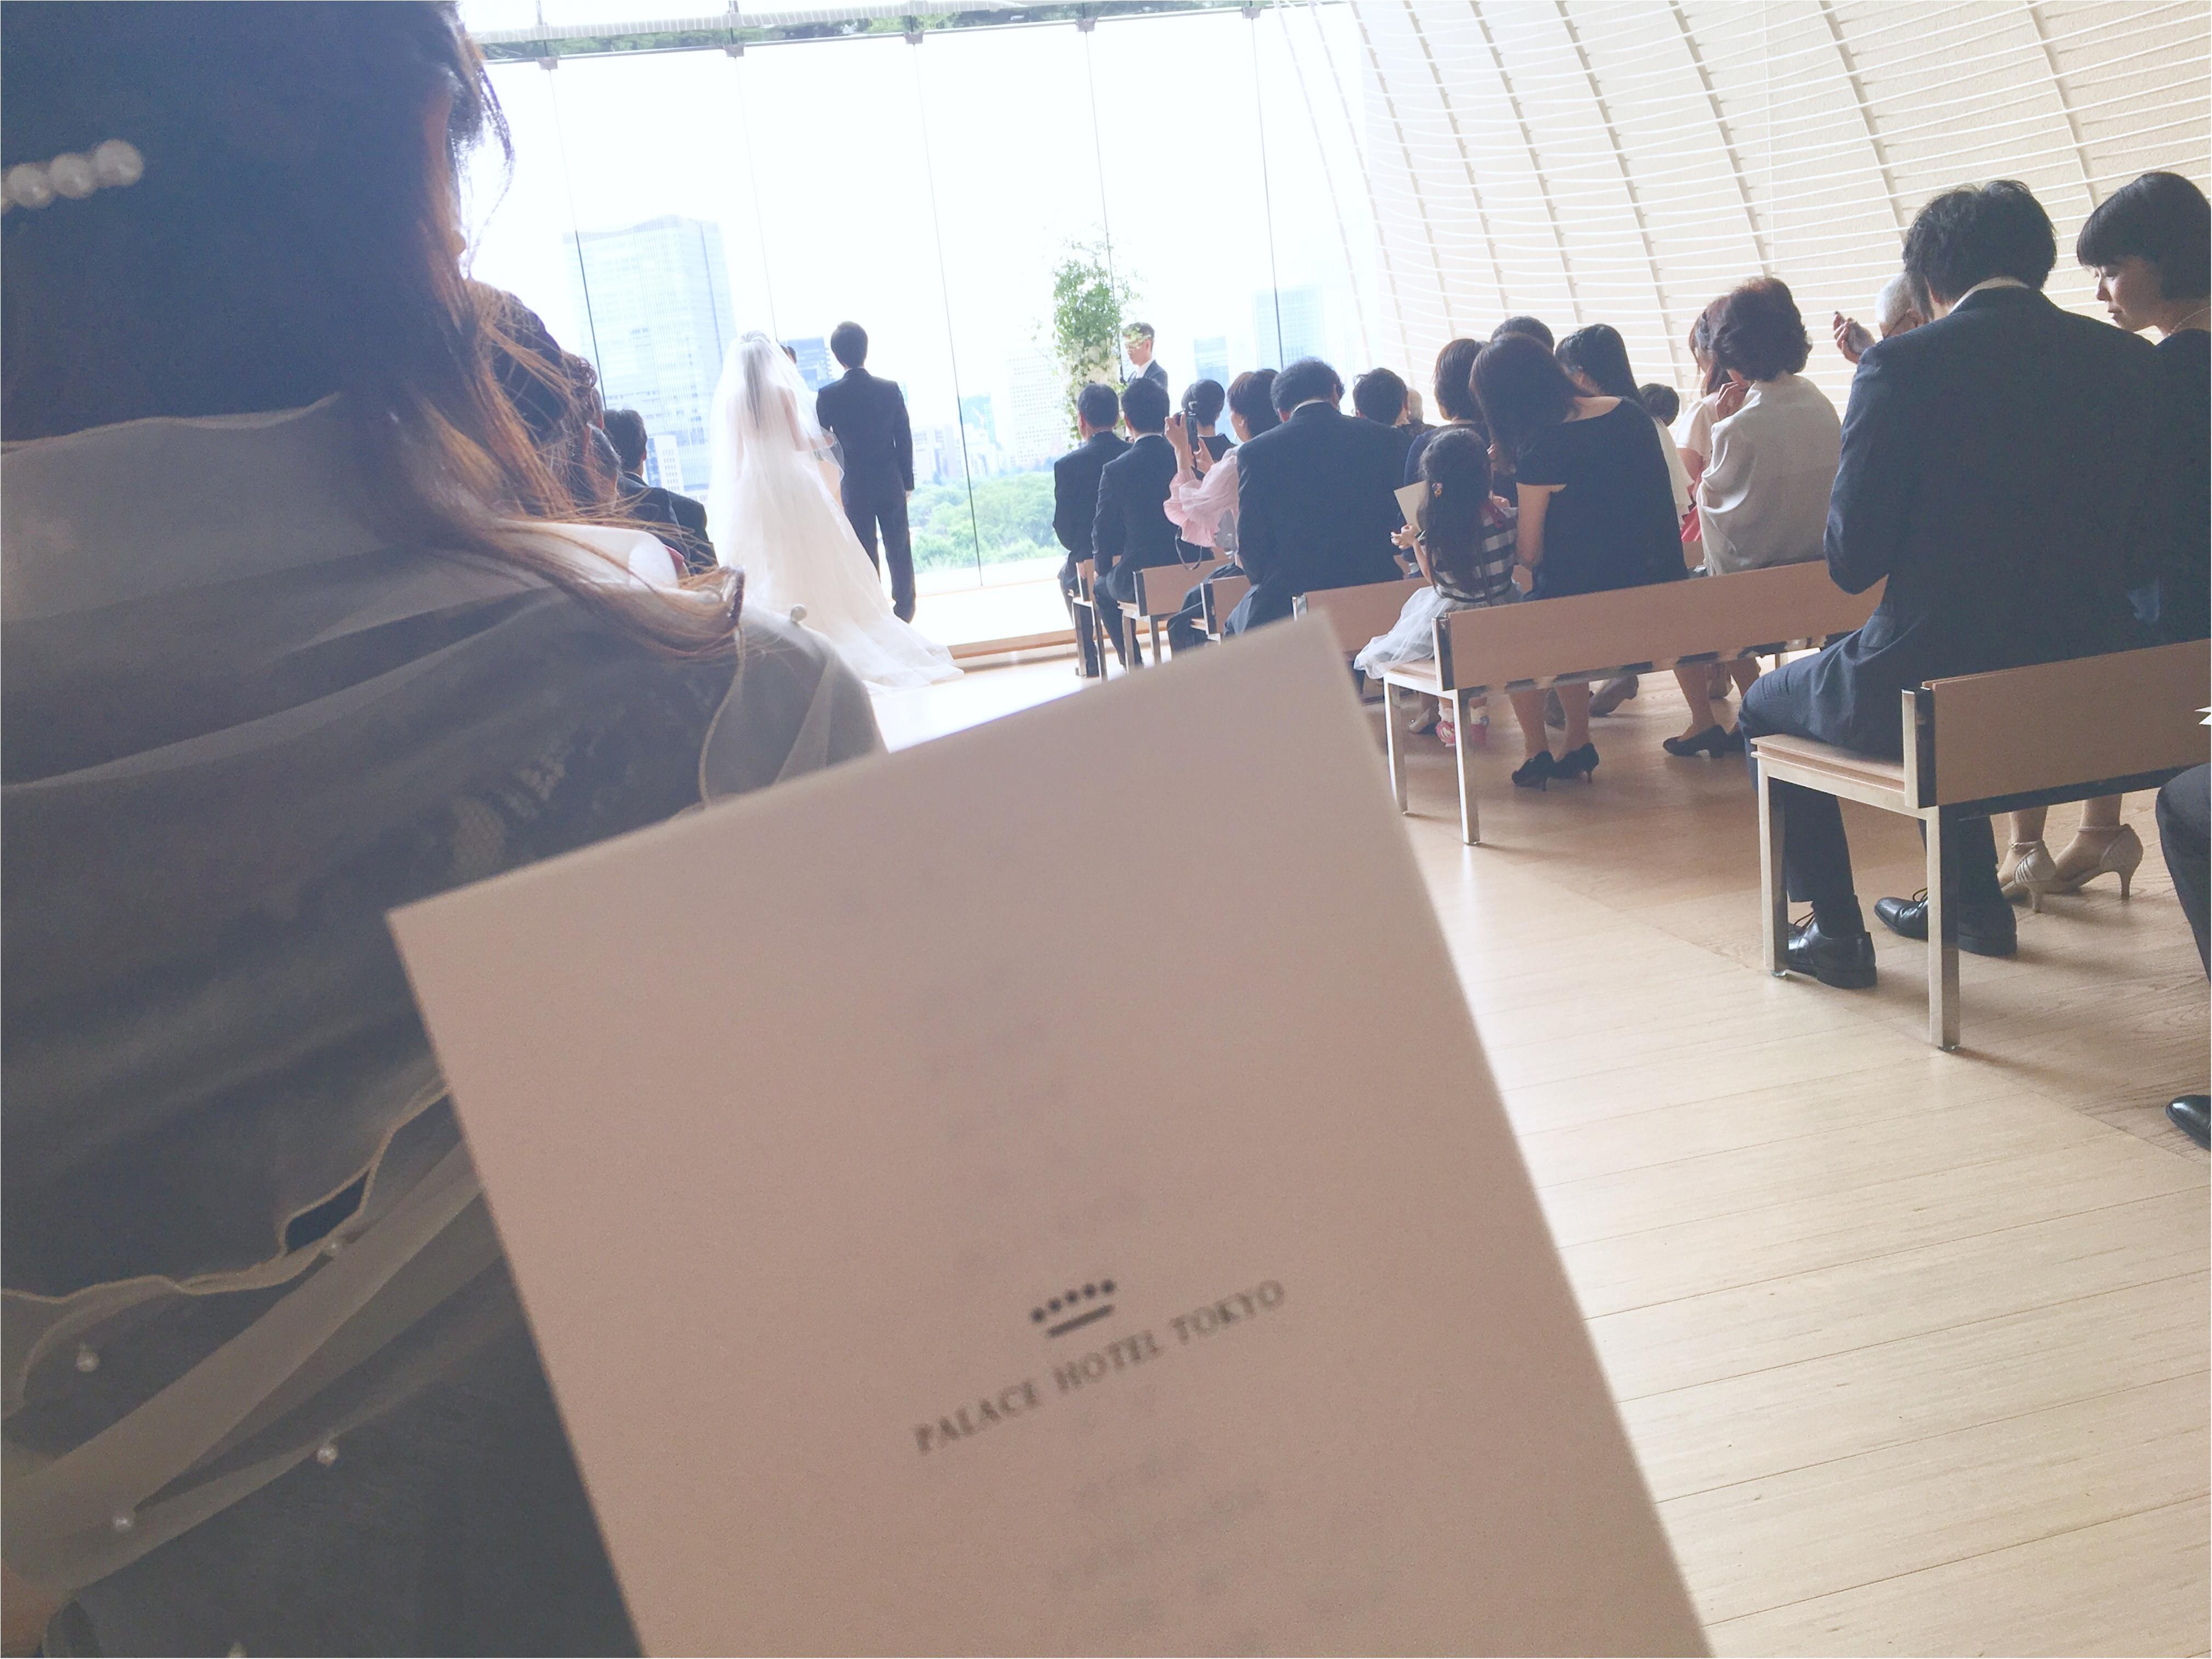 【パレスホテル東京】MOREインフルエンサーNo.600 asuちゃんの素敵な結婚式❤︎_1